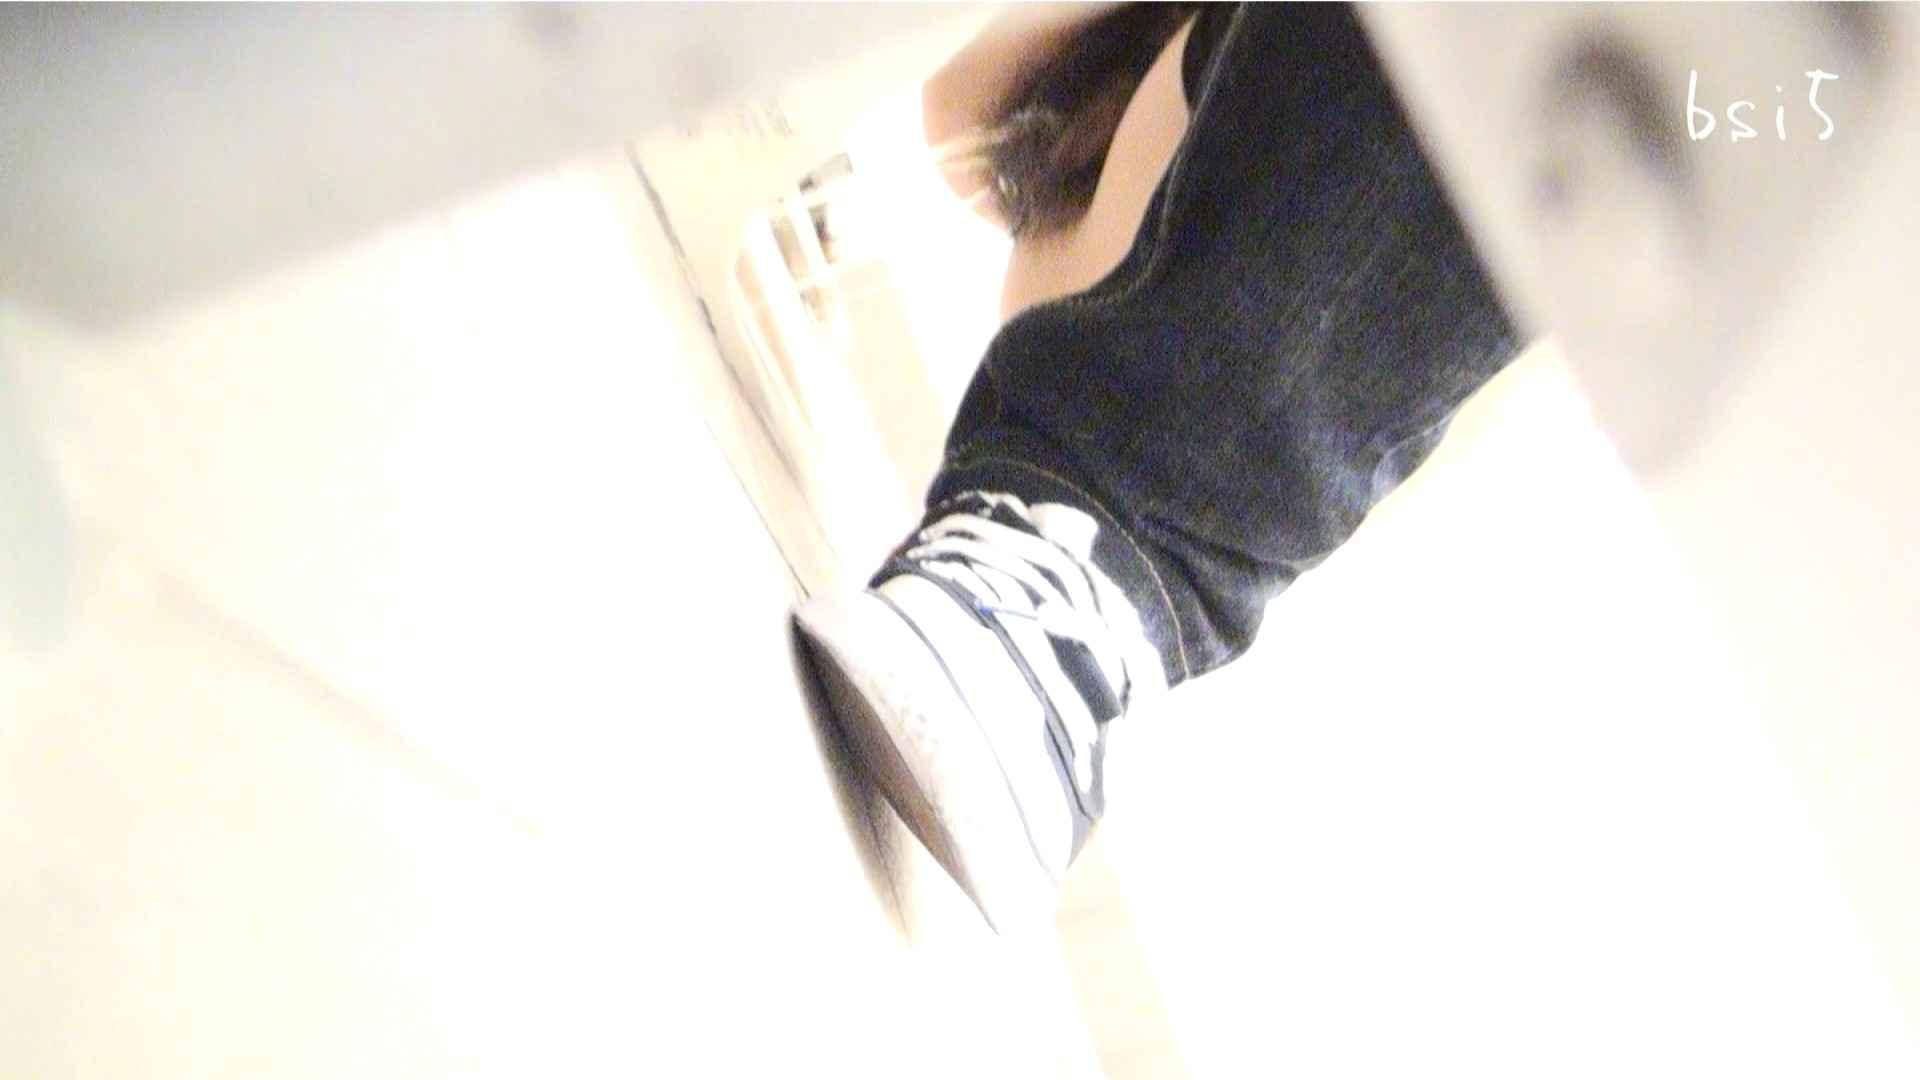 至高下半身盗撮-PREMIUM-【院内病棟編 】 vol.05 洗面所  72連発 12